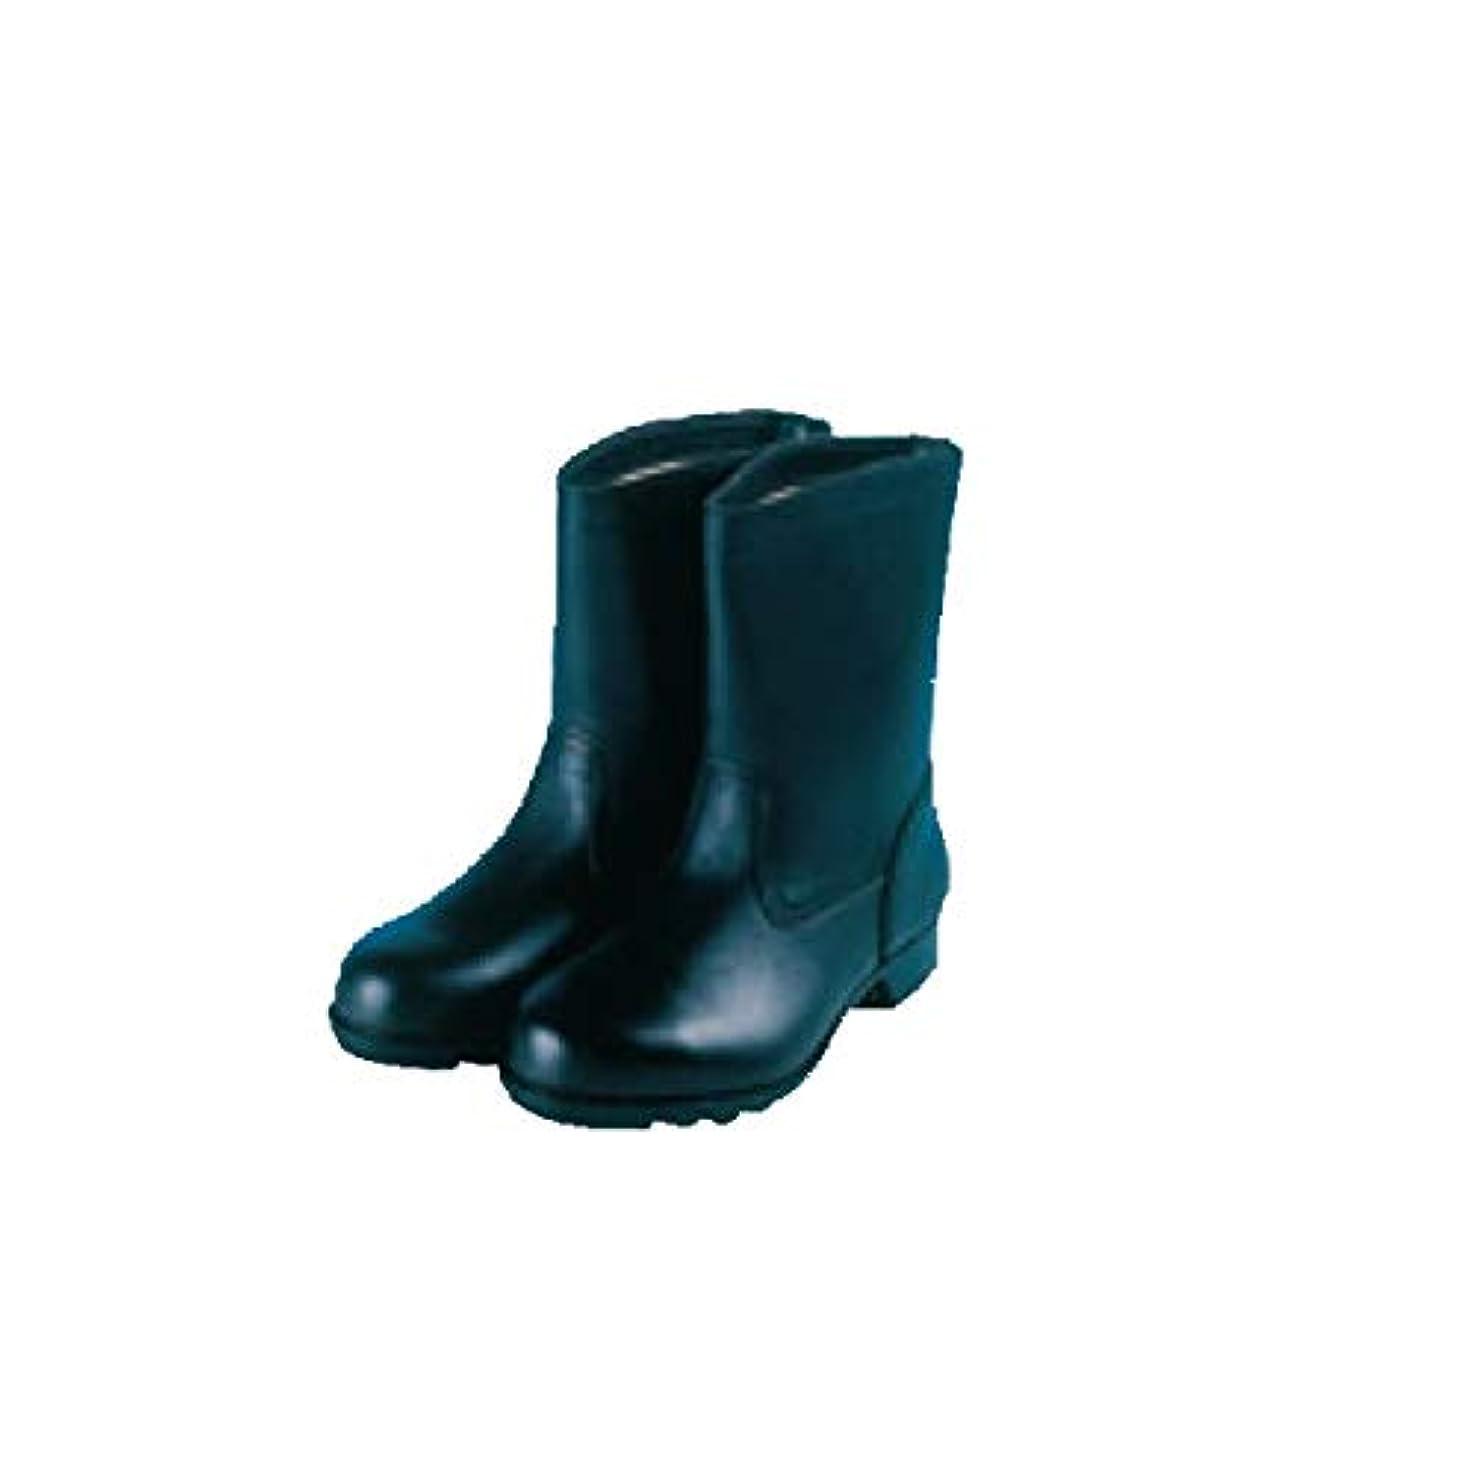 労働者雑多な呼びかける安全?サイン8 安全靴 安全半長靴 3373 サイズ:27.0cm